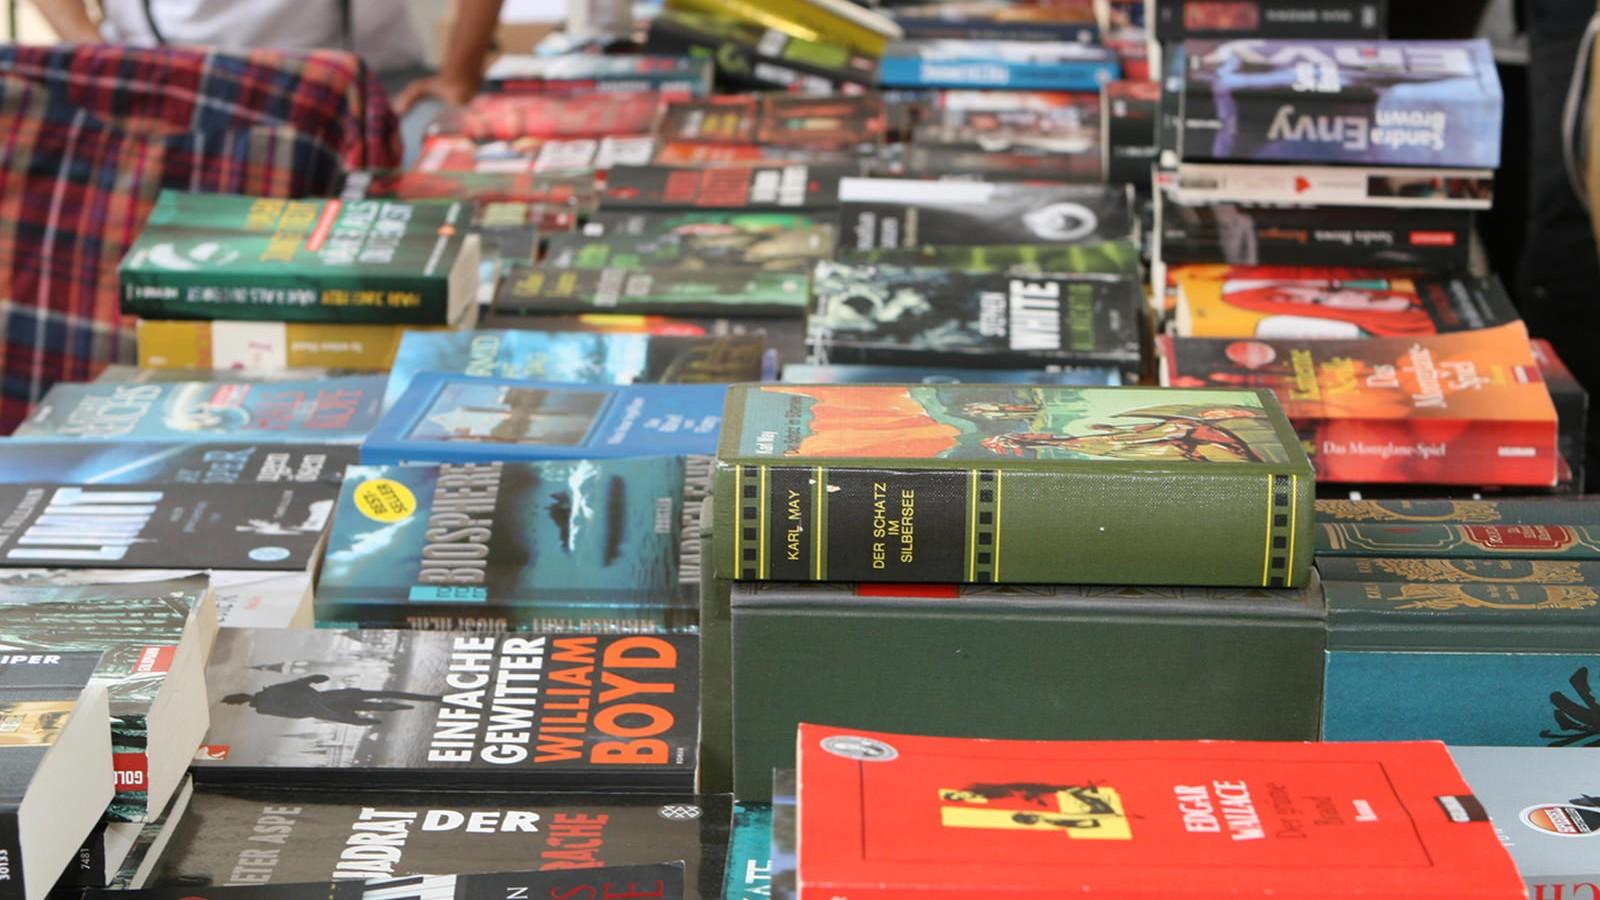 Bücherflohmarkt Wien - gebrauchte Bücher spenden